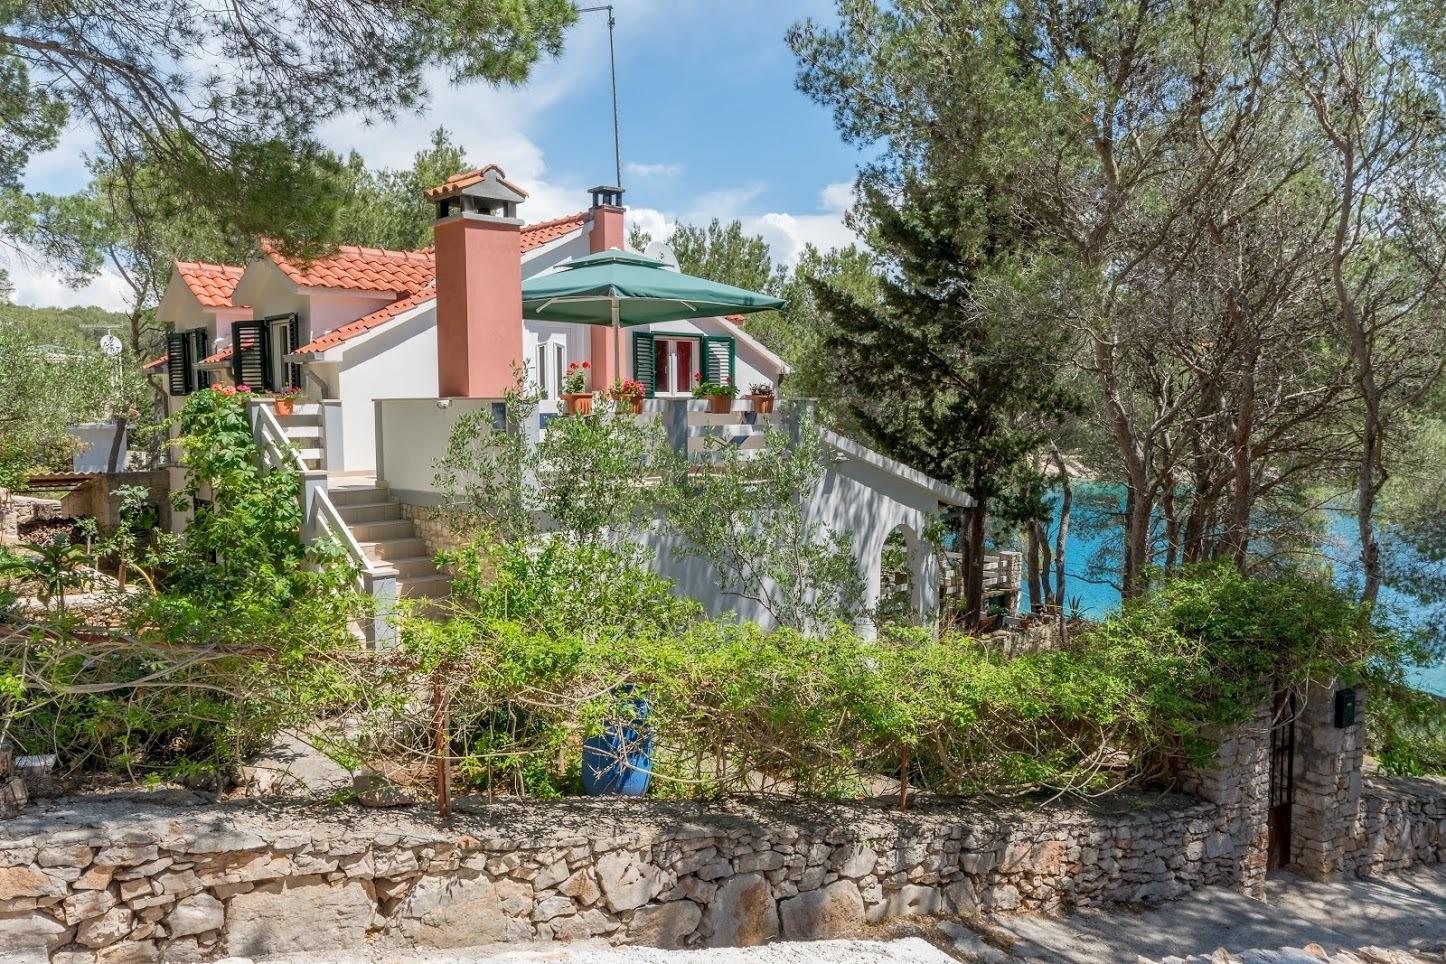 Simi - Baai Osibova (Milna) - Verblijf in lagunes Kroatië - huis